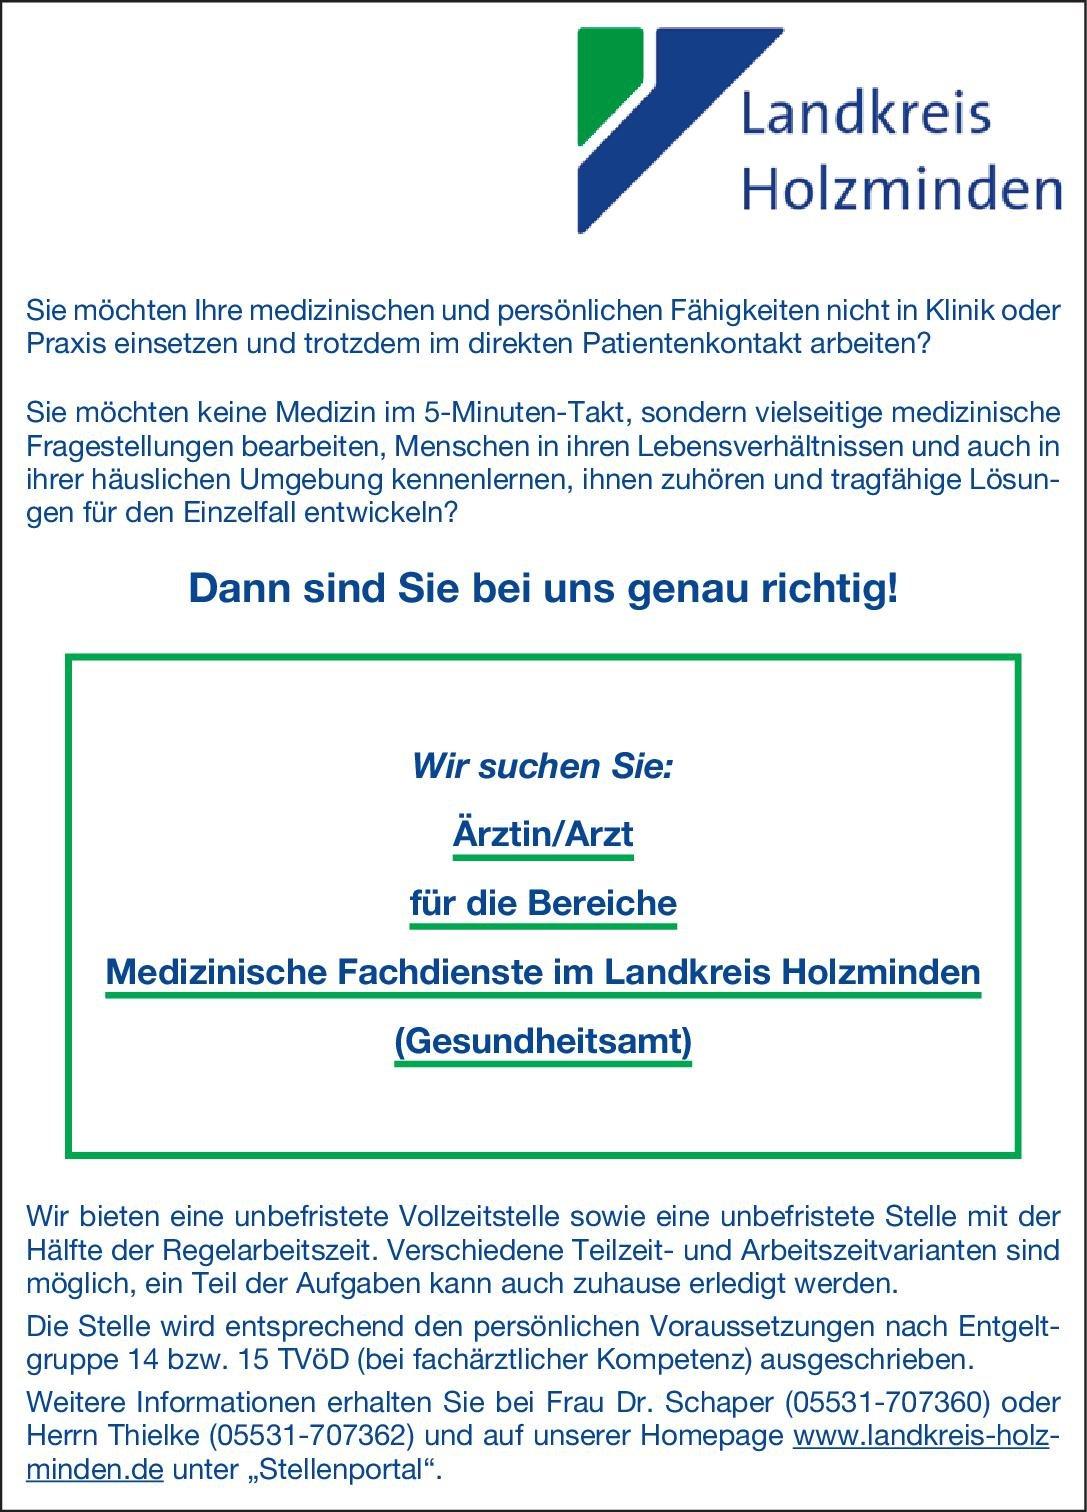 Landkreis Holzminden Ärztin/Arzt für die Bereiche Medizinische Fachdienste im Landkreis Holzminden (Gesundheitsamt) * ohne Gebiete Arzt / Facharzt